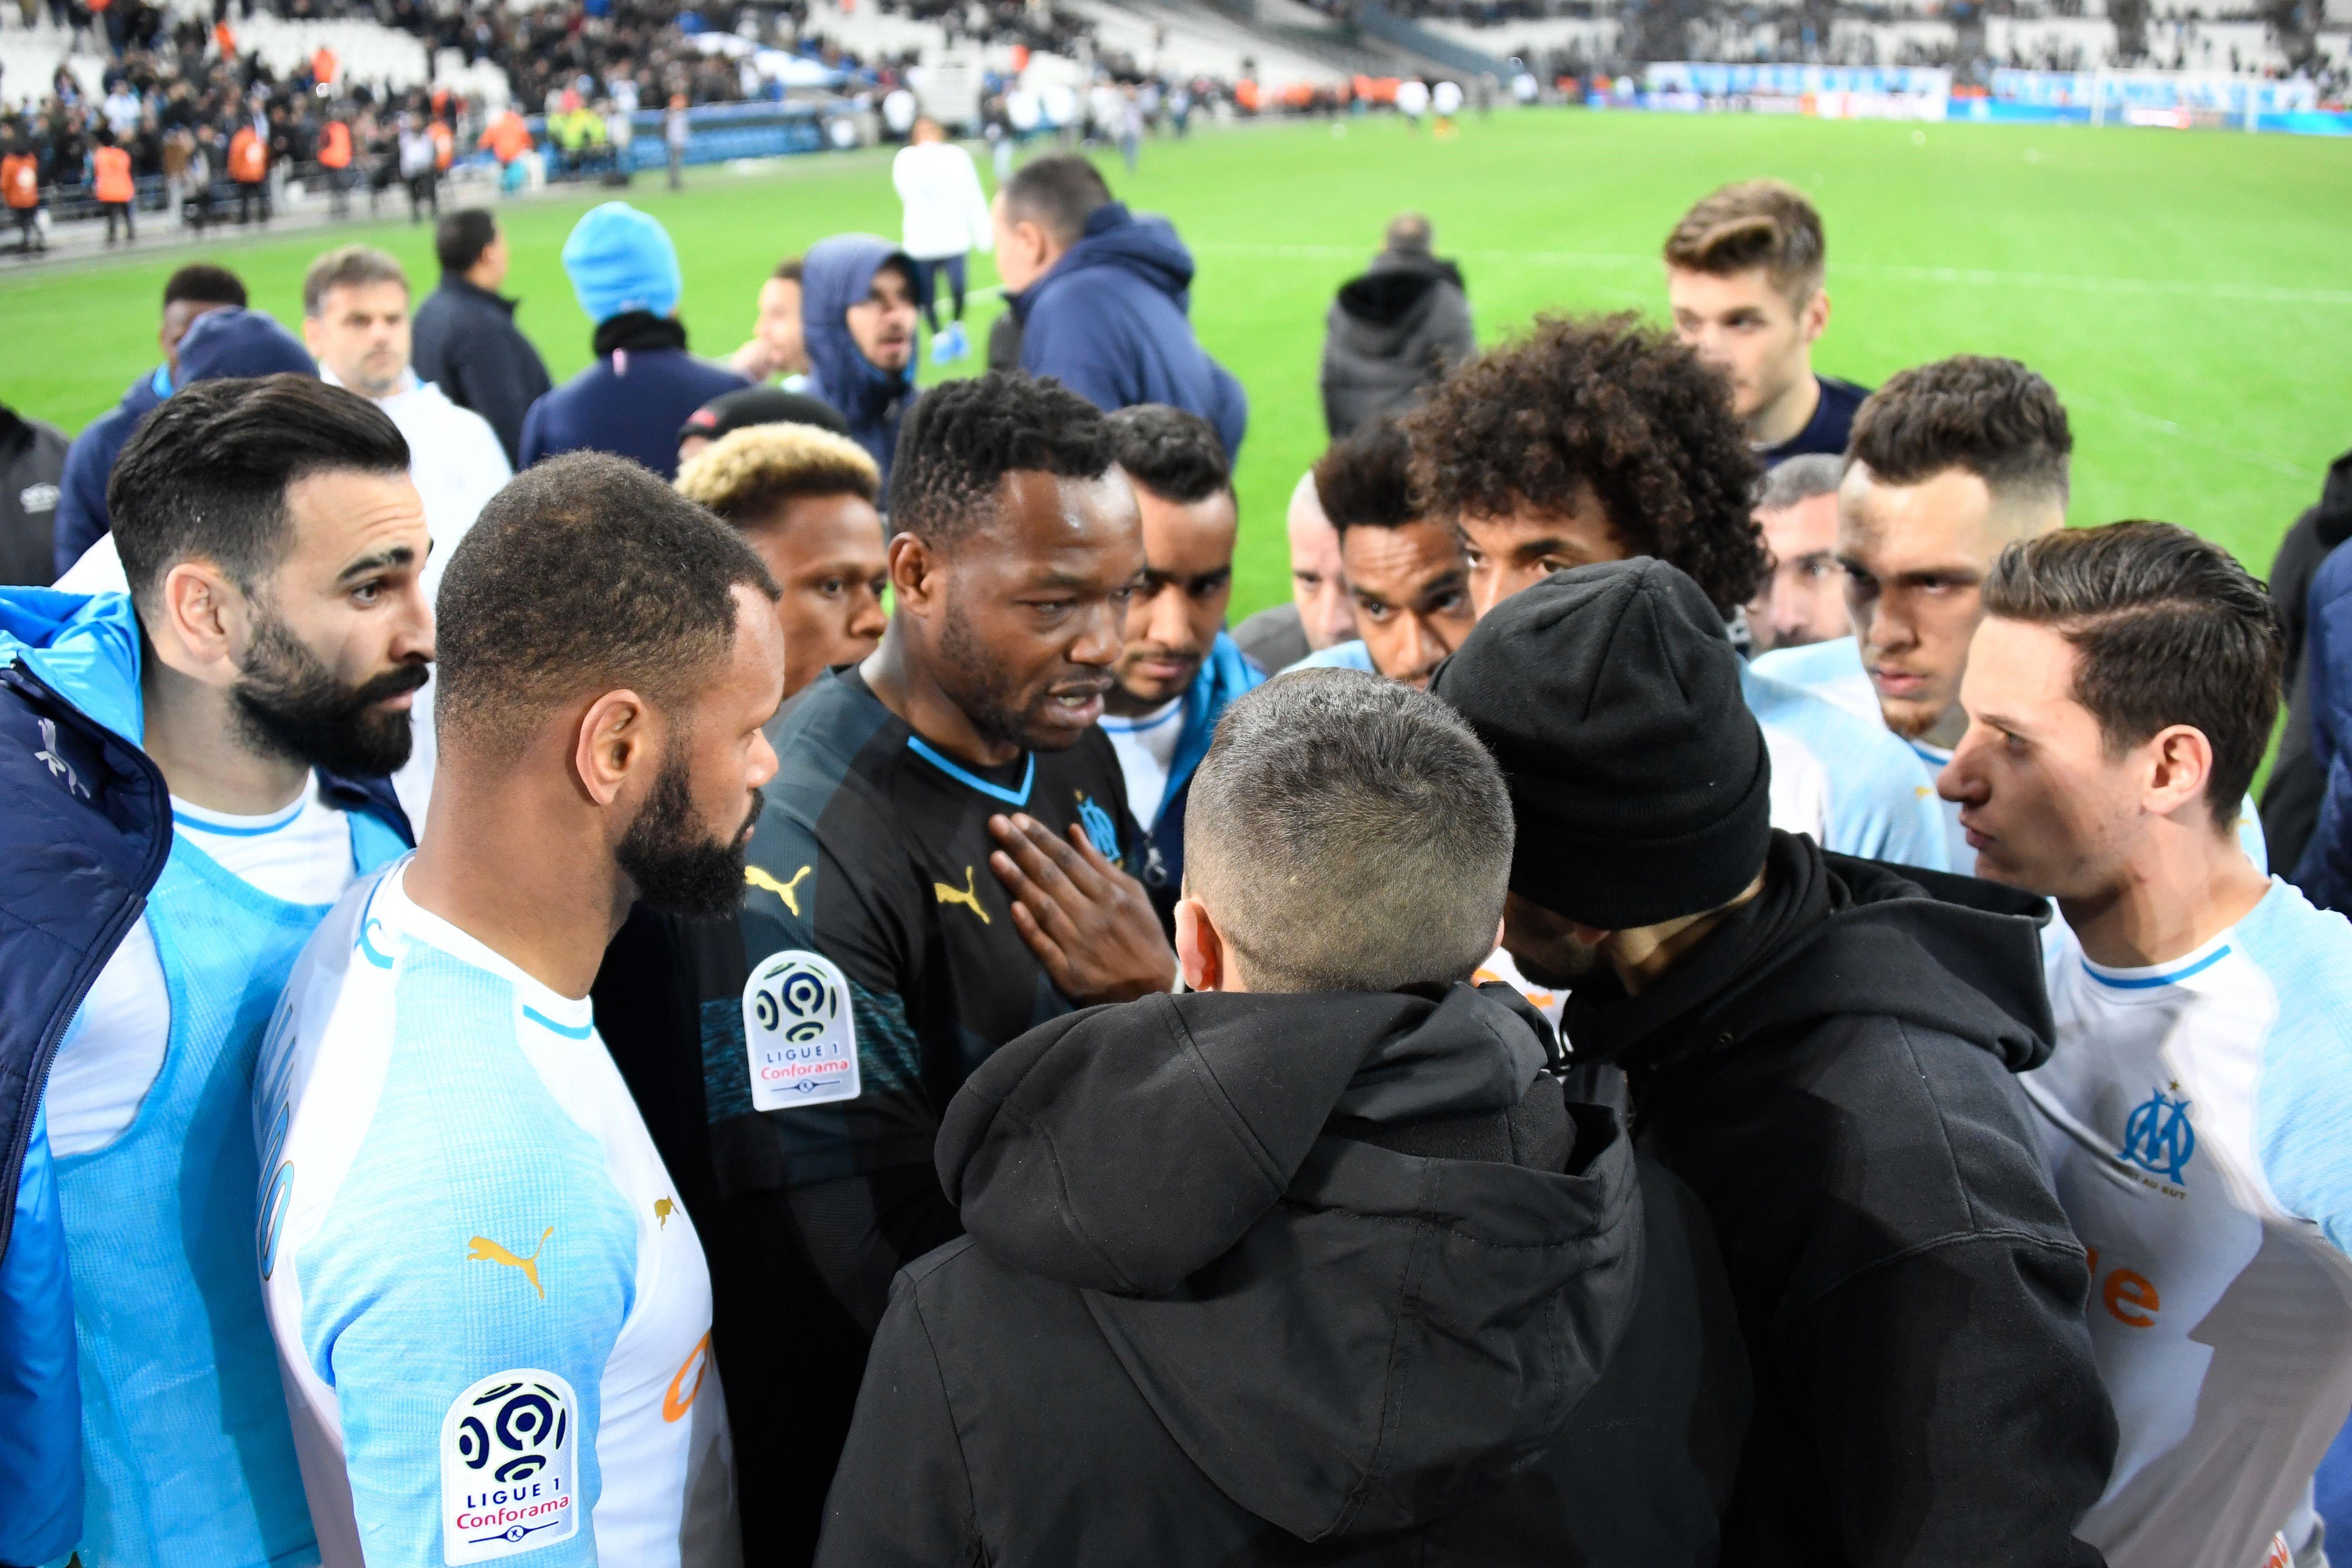 Steve Mandanda et les joueurs de l'OM discutent avec les groupes de supporters au Vélodrome après OM-Monaco / Ligue 1